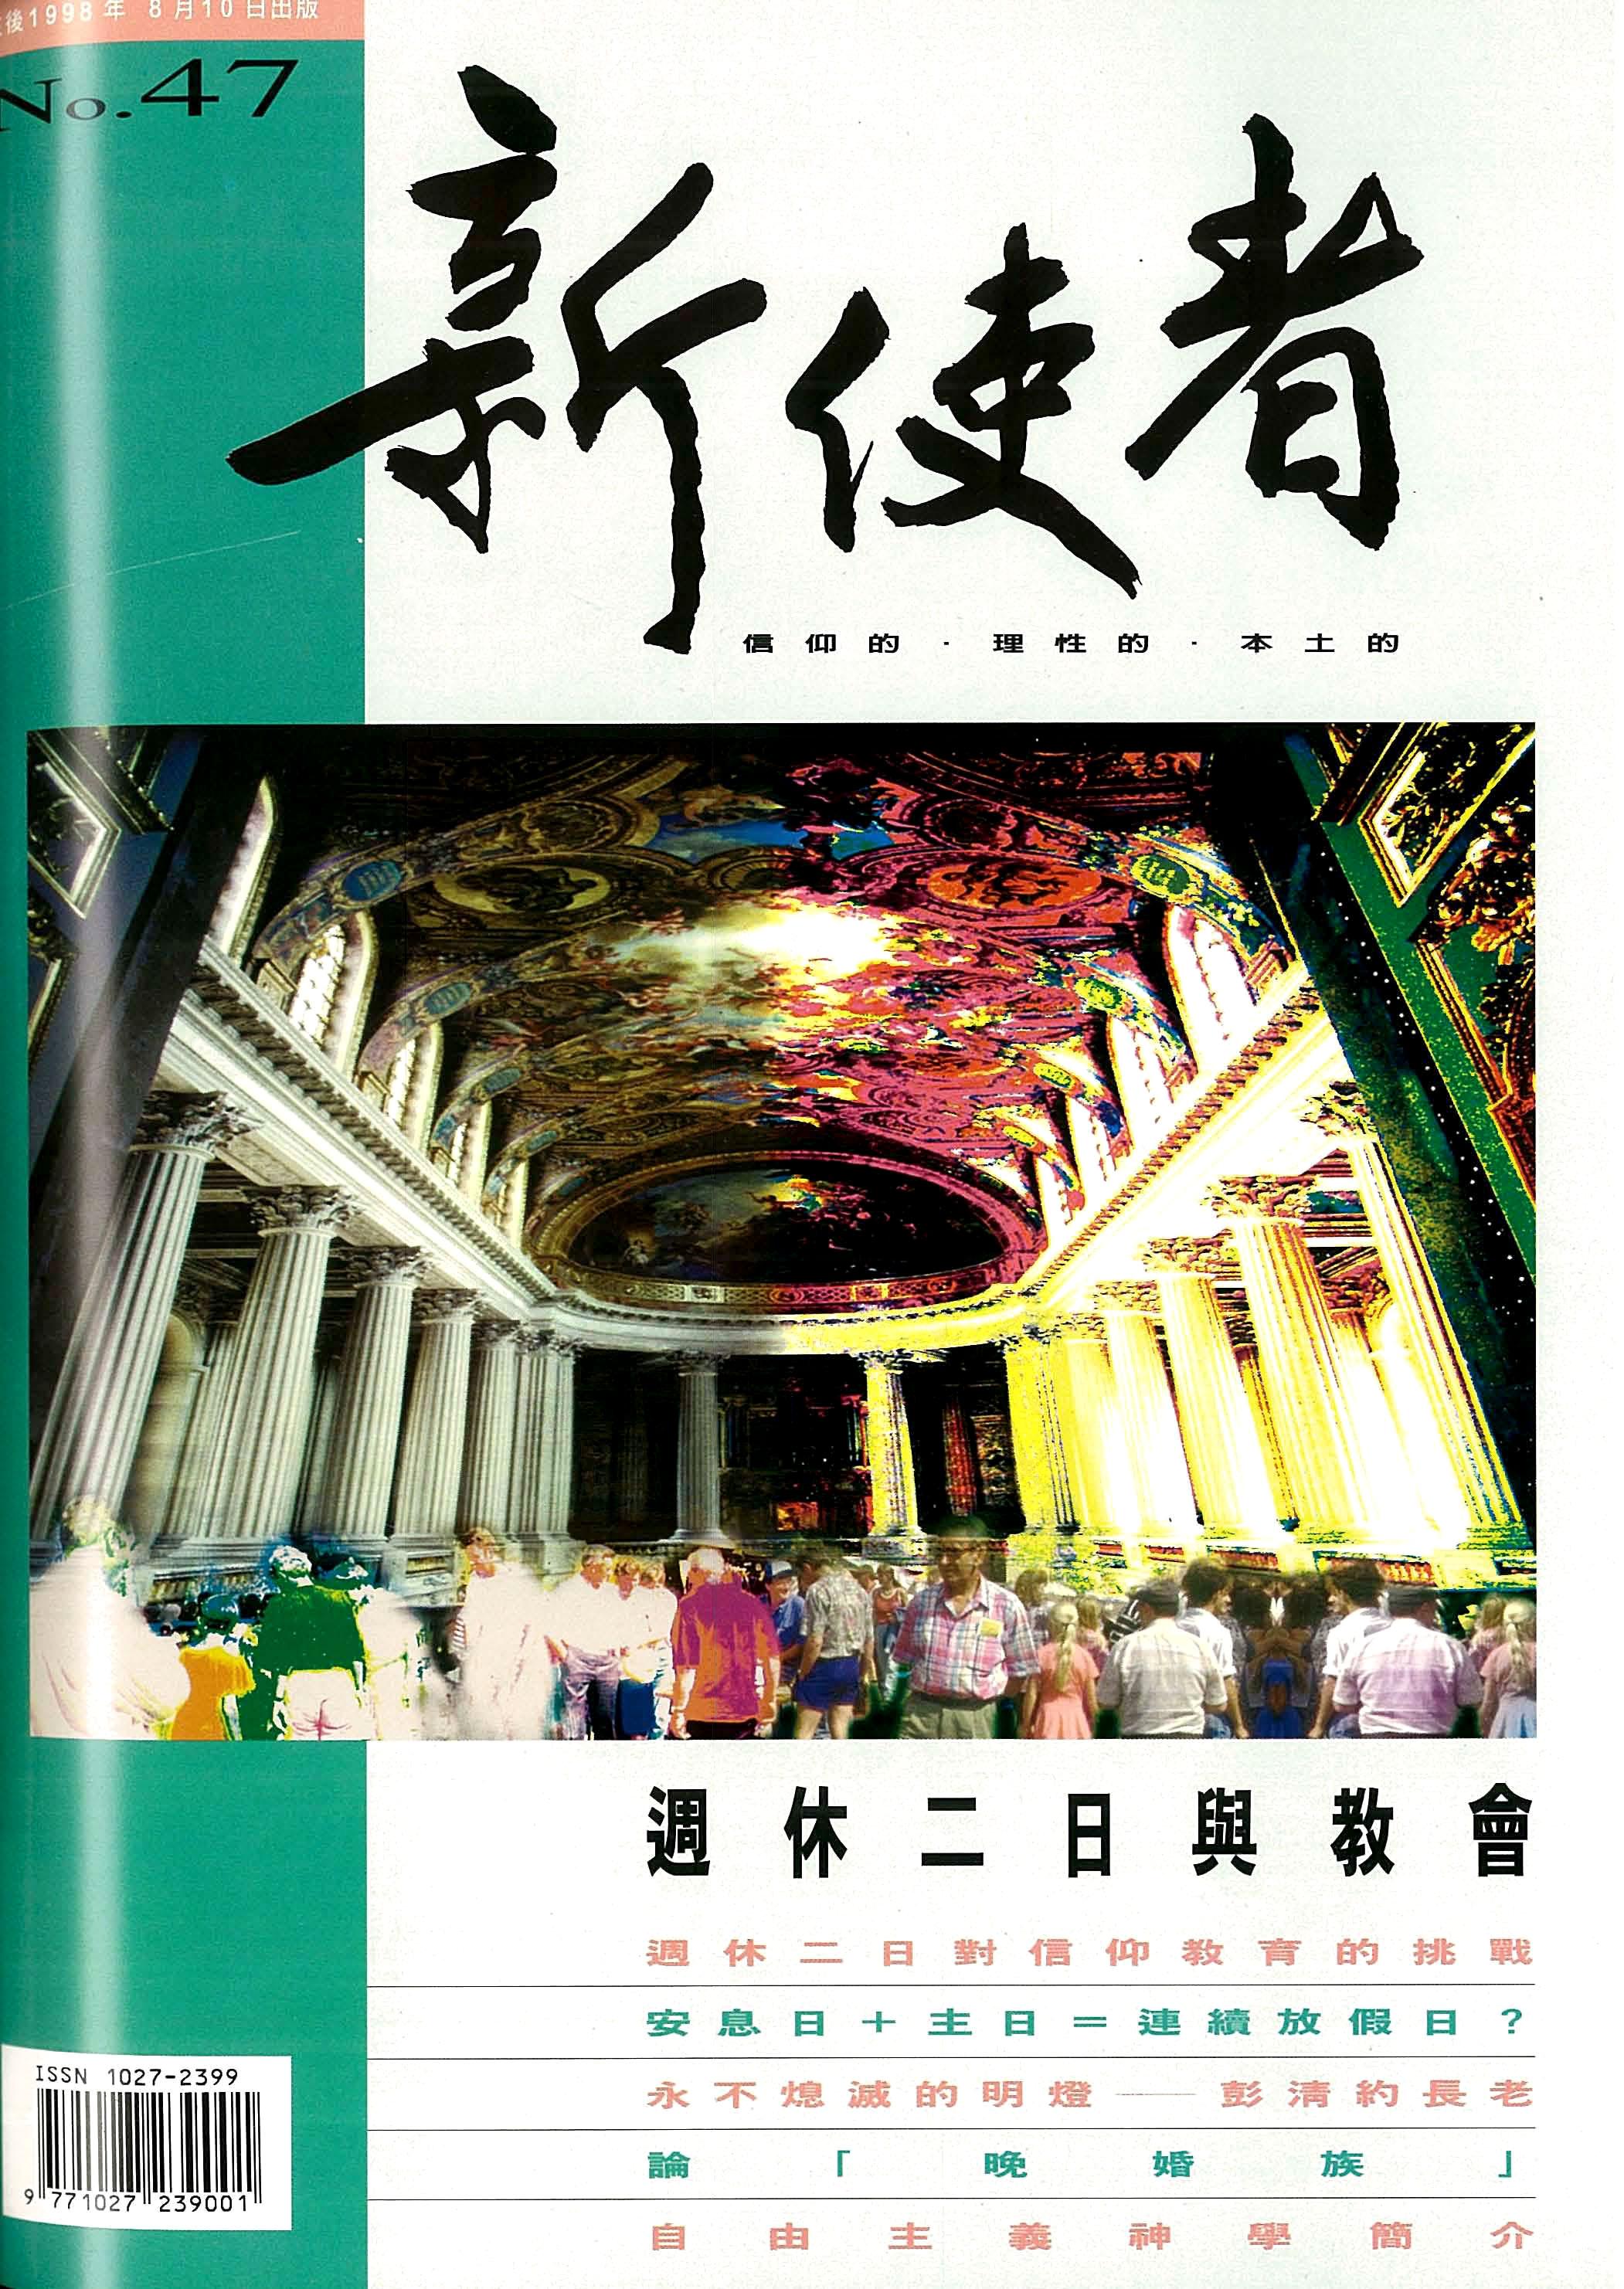 新使者雜誌 The New Messenger  47期  1998年  8月 週休二日與教會